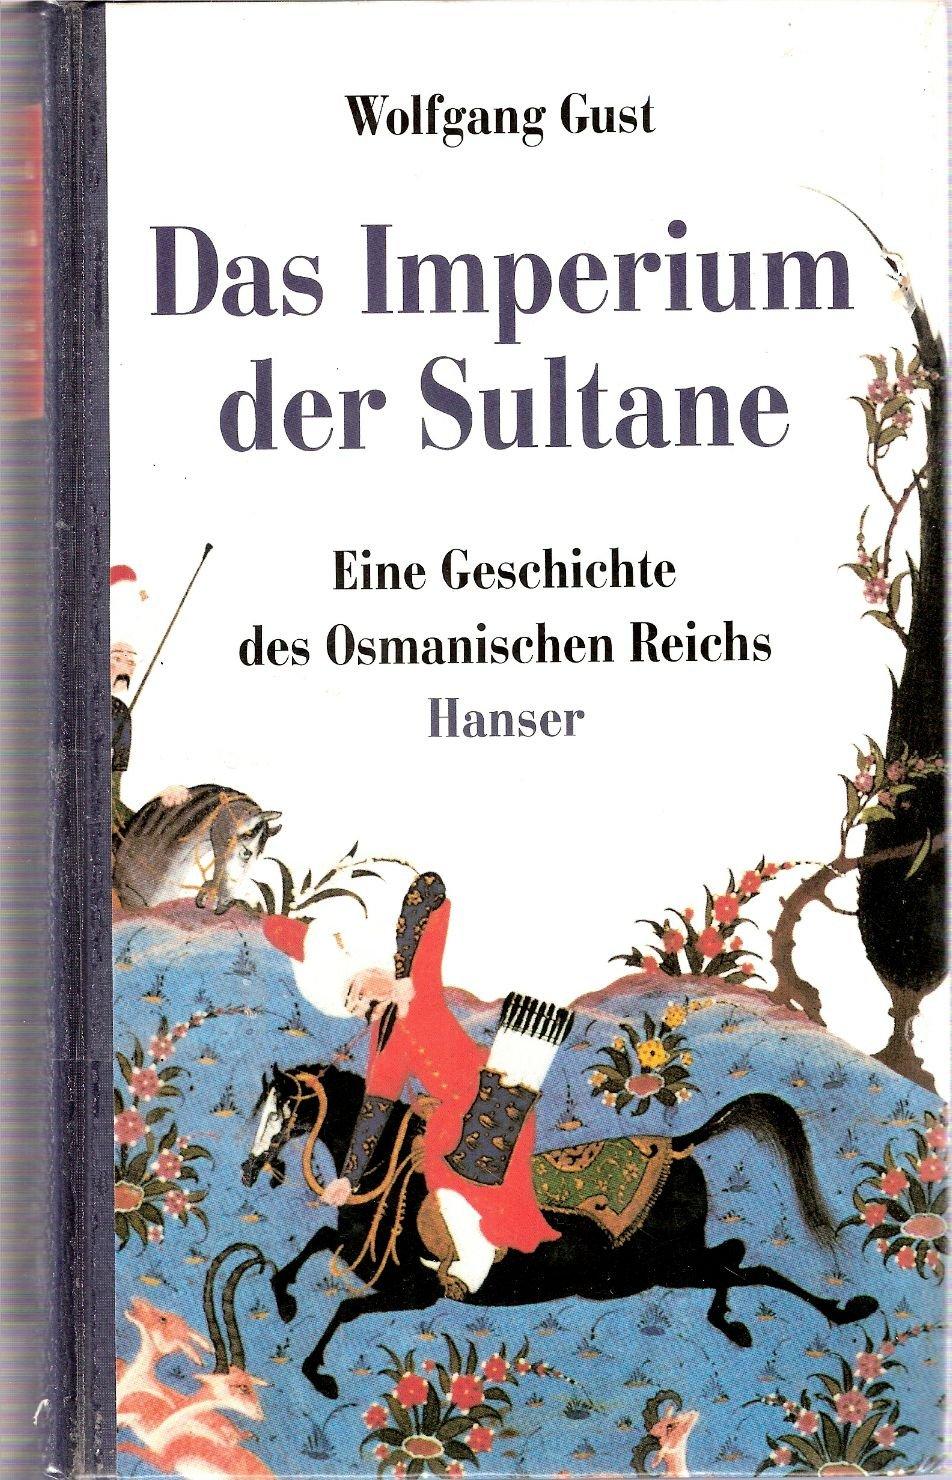 Das Imperium der Sultane: Eine Geschichte des Osmanischen Reichs